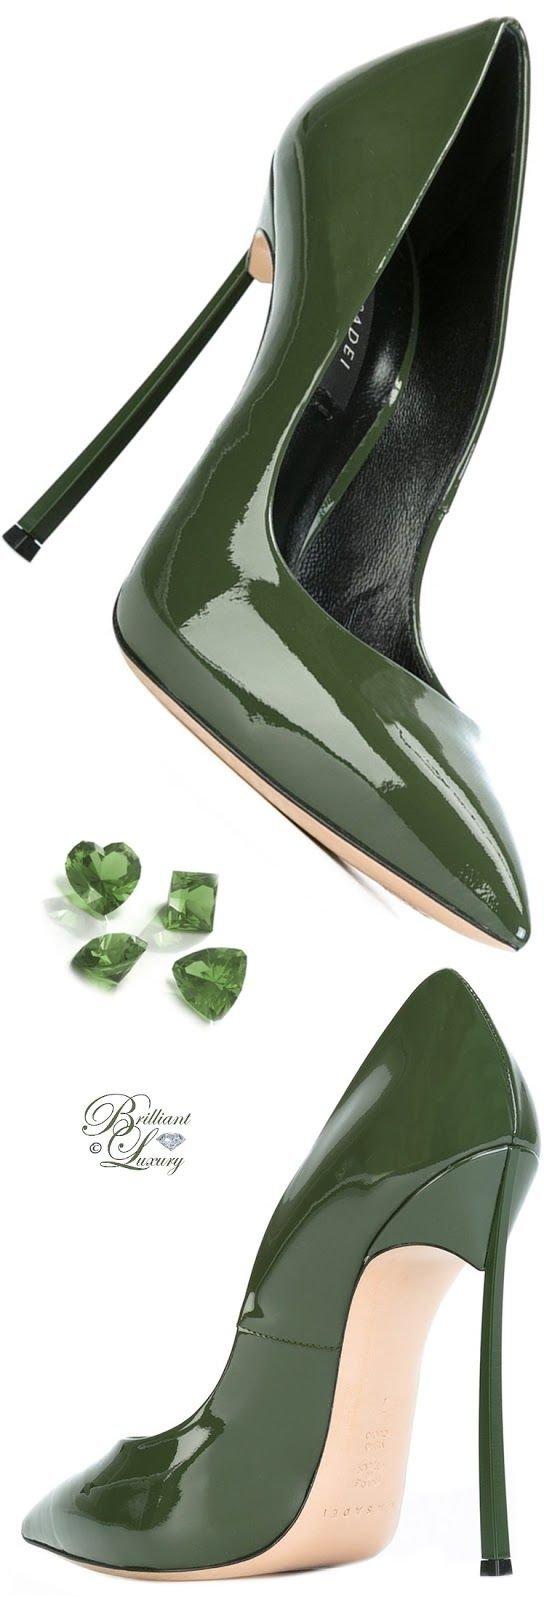 شیک ترین مدل های کفش پاشنه بلند 2021